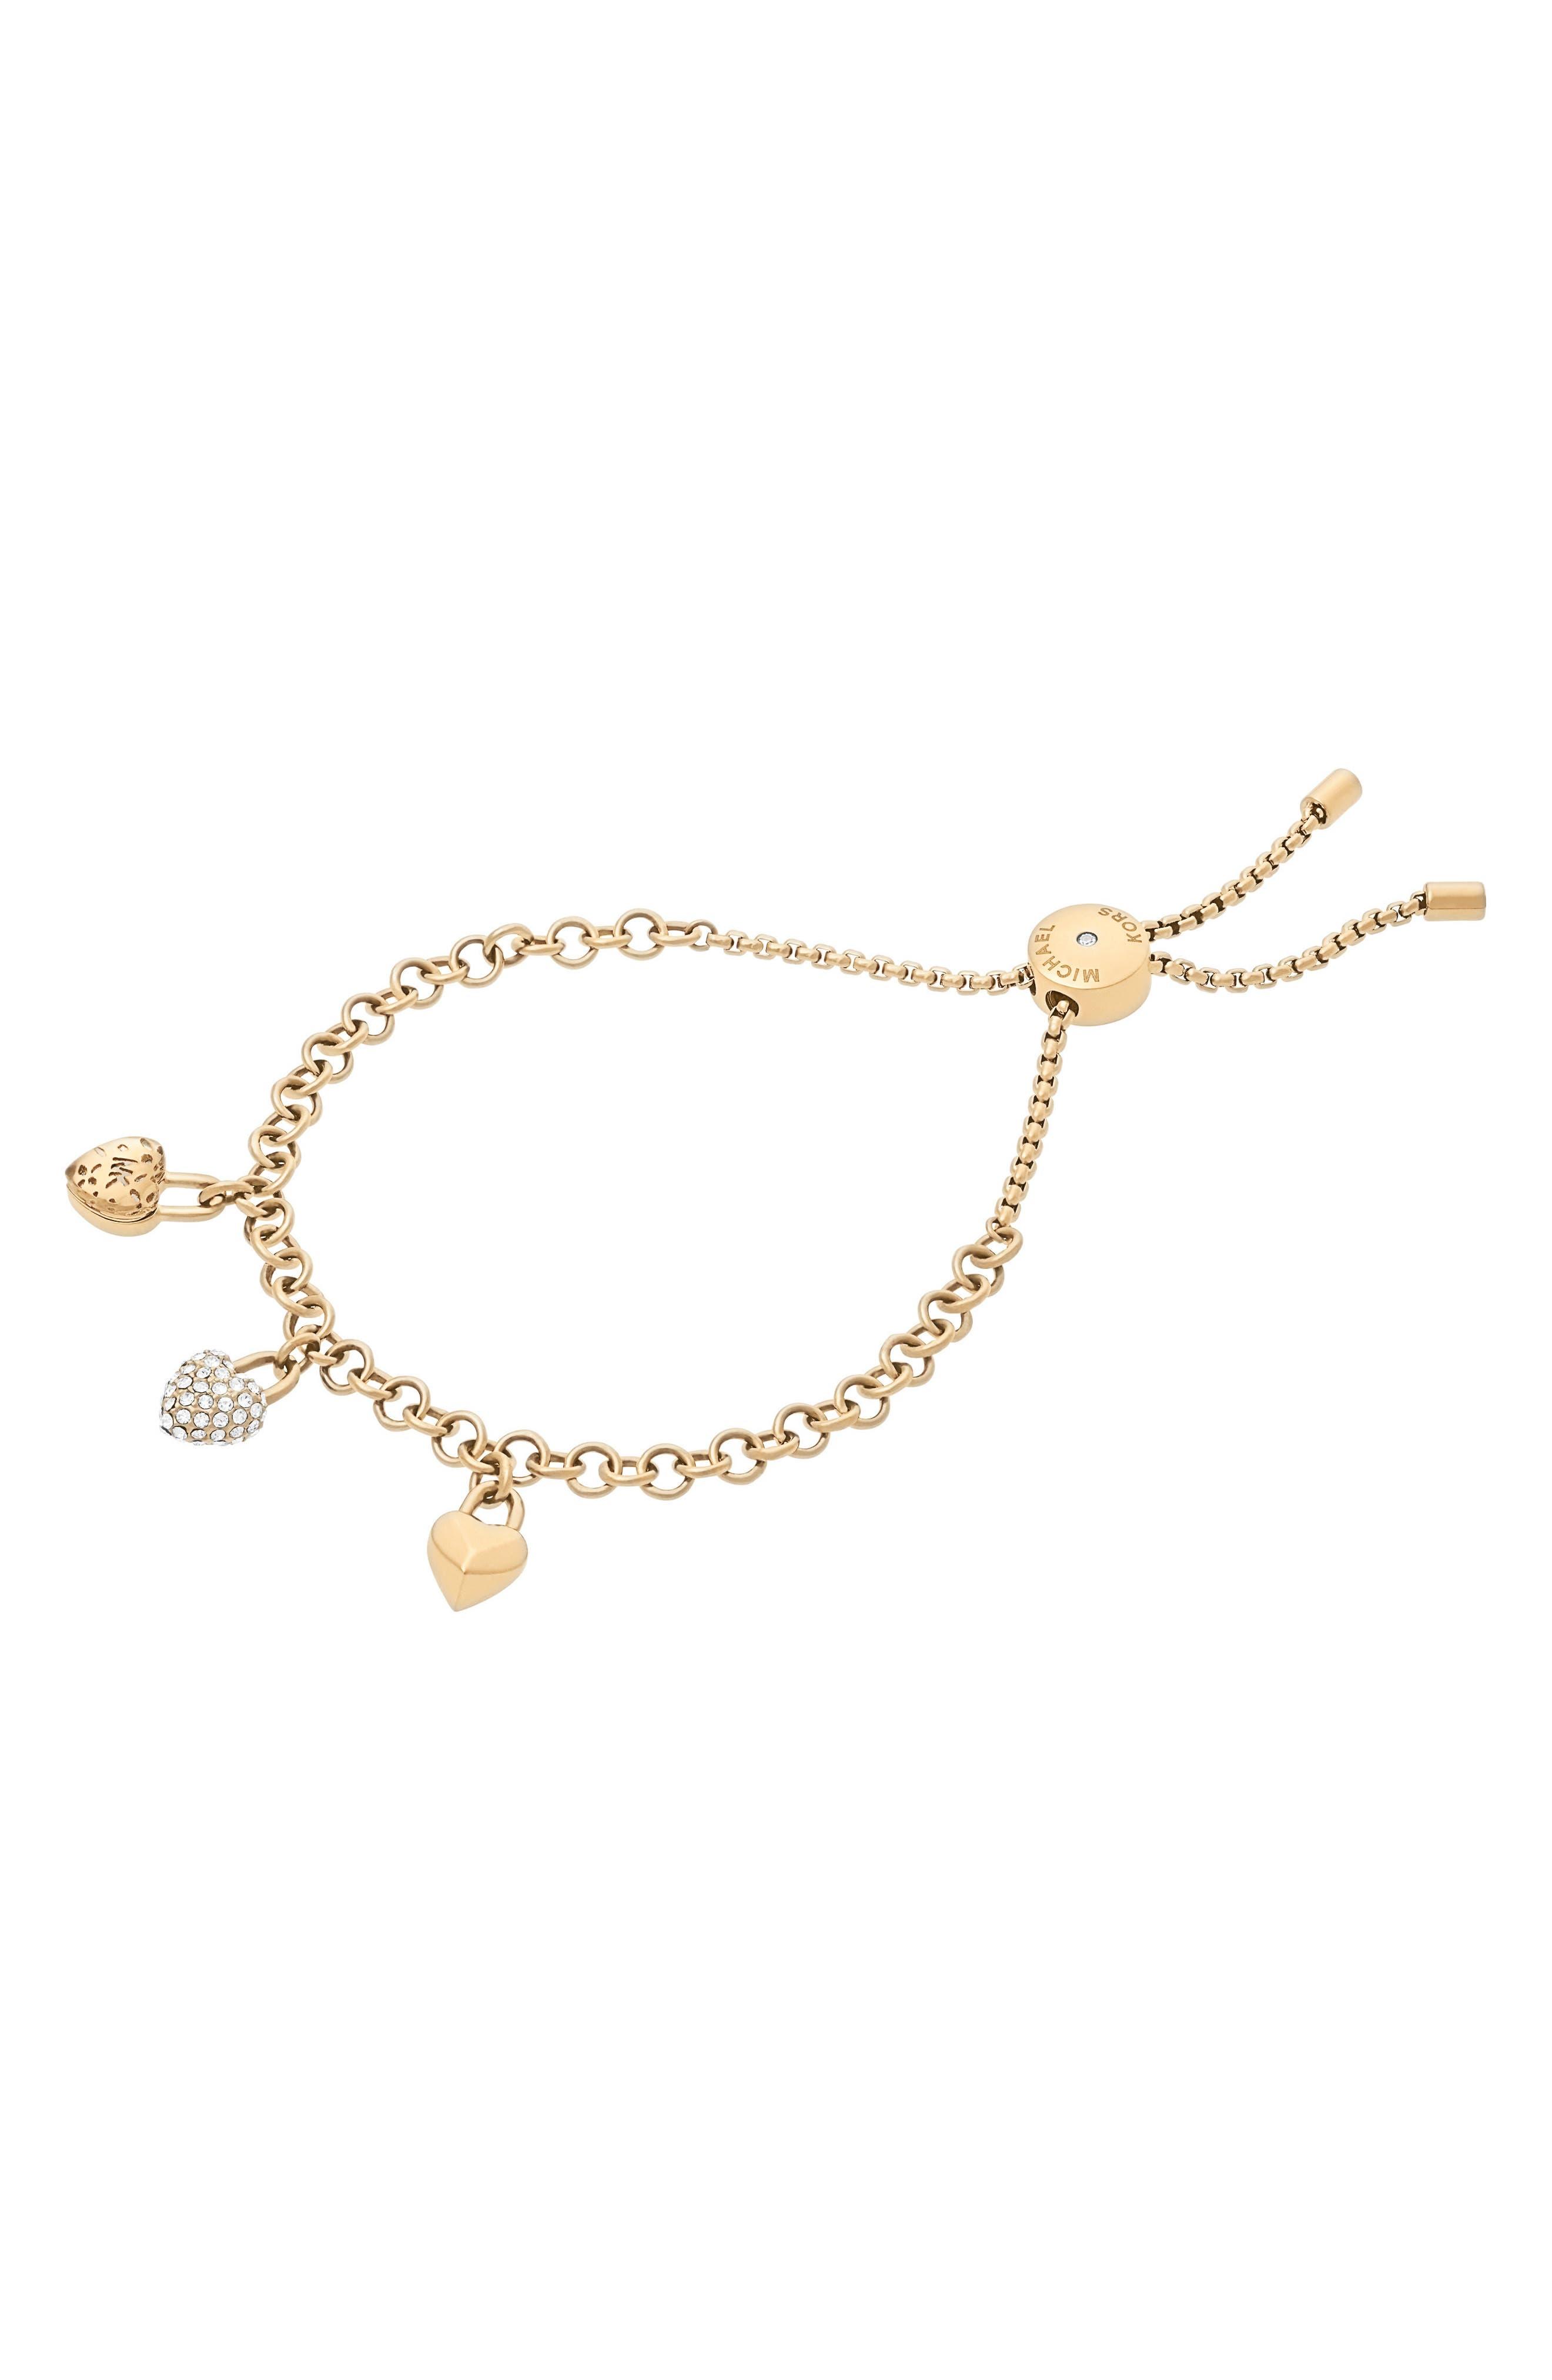 Slider Crystal Bracelet,                             Main thumbnail 1, color,                             Gold